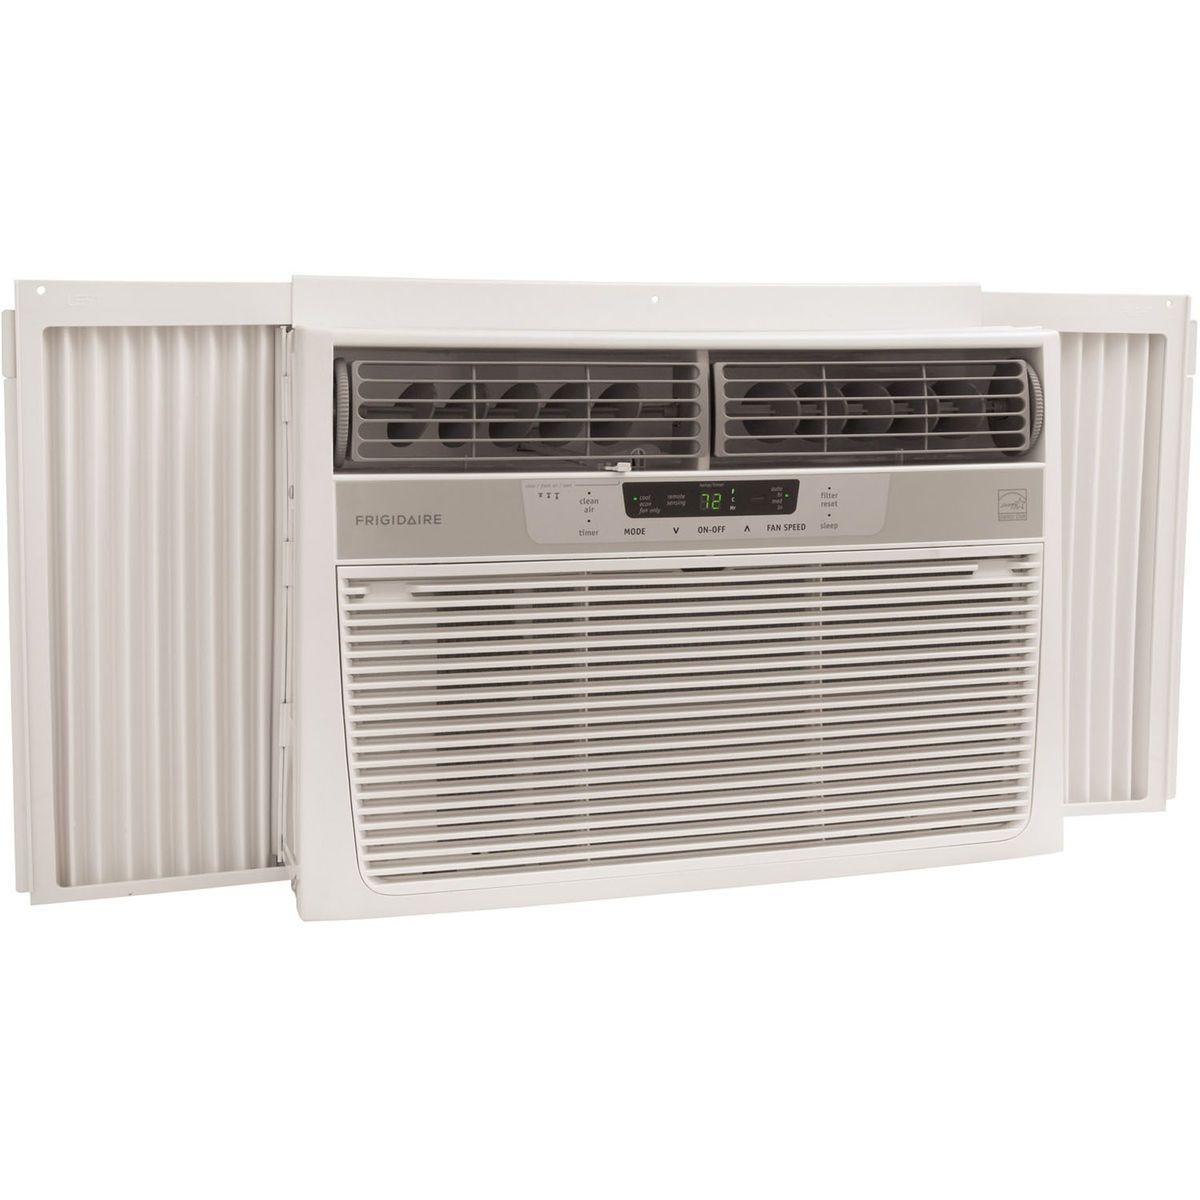 Frigidaire 12 000 BTU Energy Star Window Air Conditioner FRA126CT1